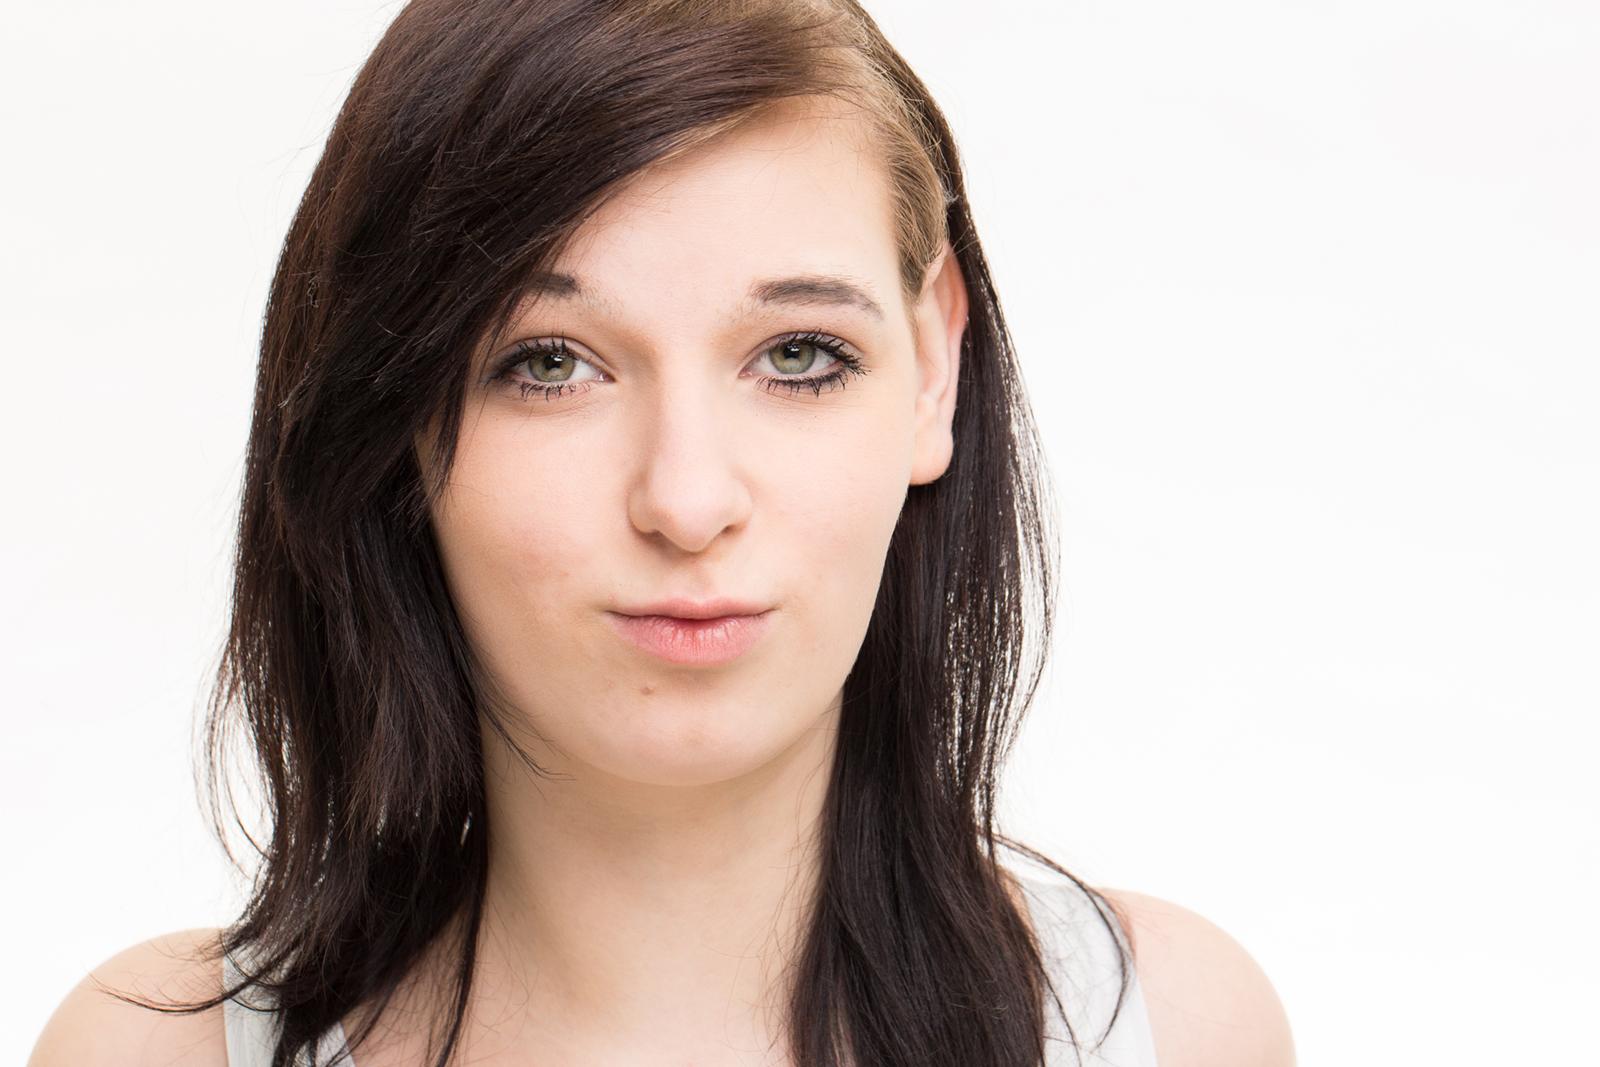 Portrait bzw Headshot von Jasmin im Peter Hurley Style Stil